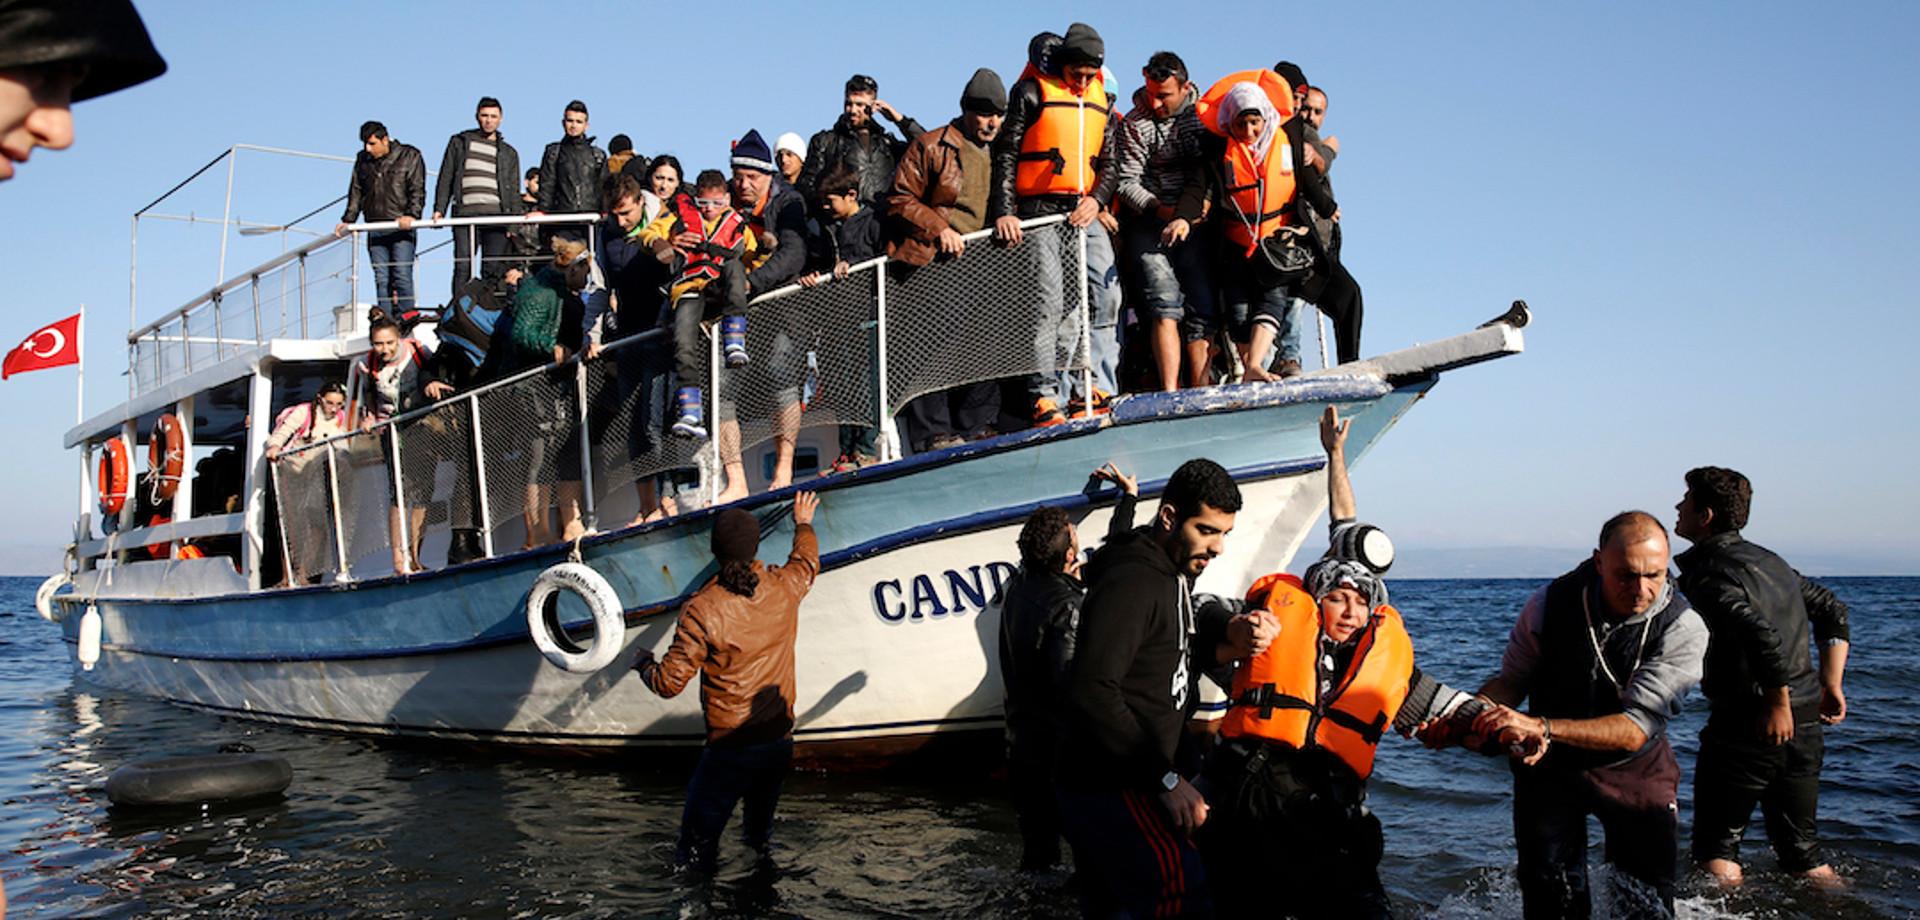 Αποτέλεσμα εικόνας για προσφυγεσ